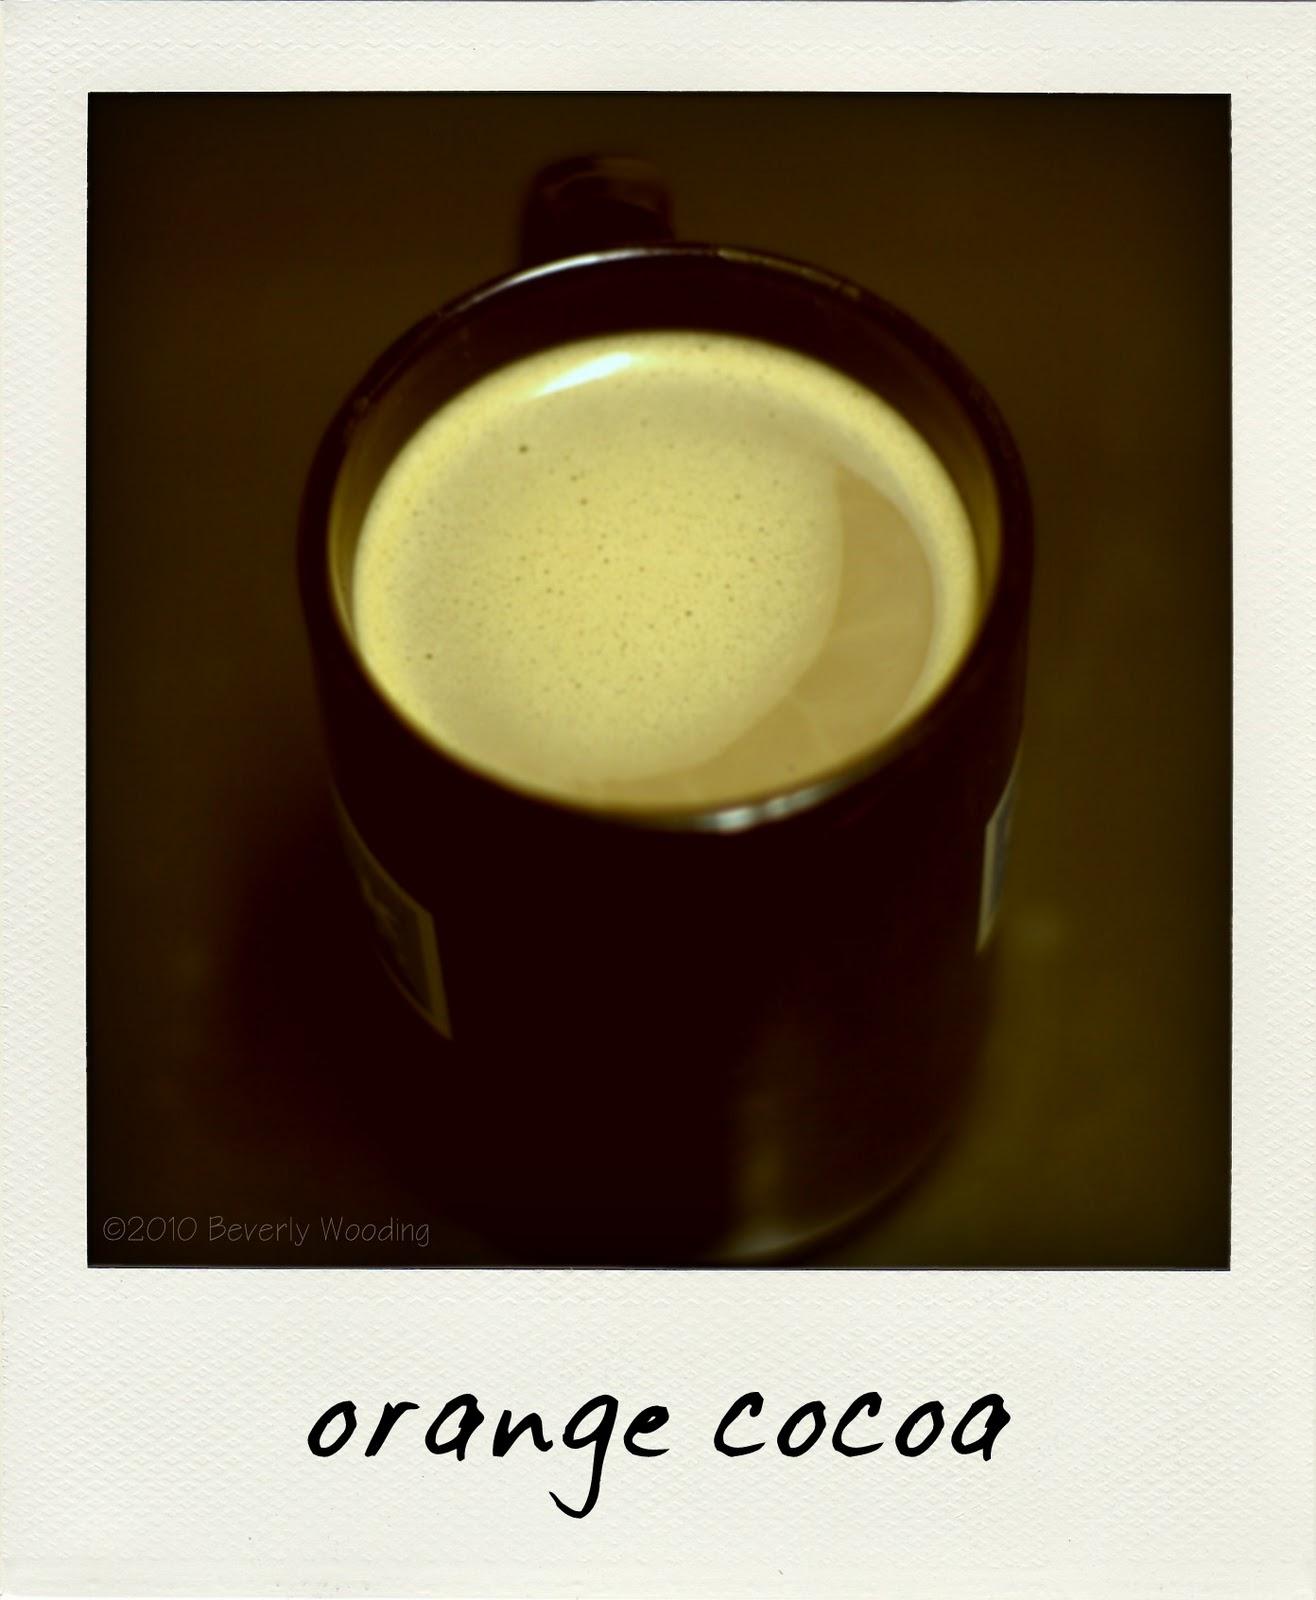 orange cocoa